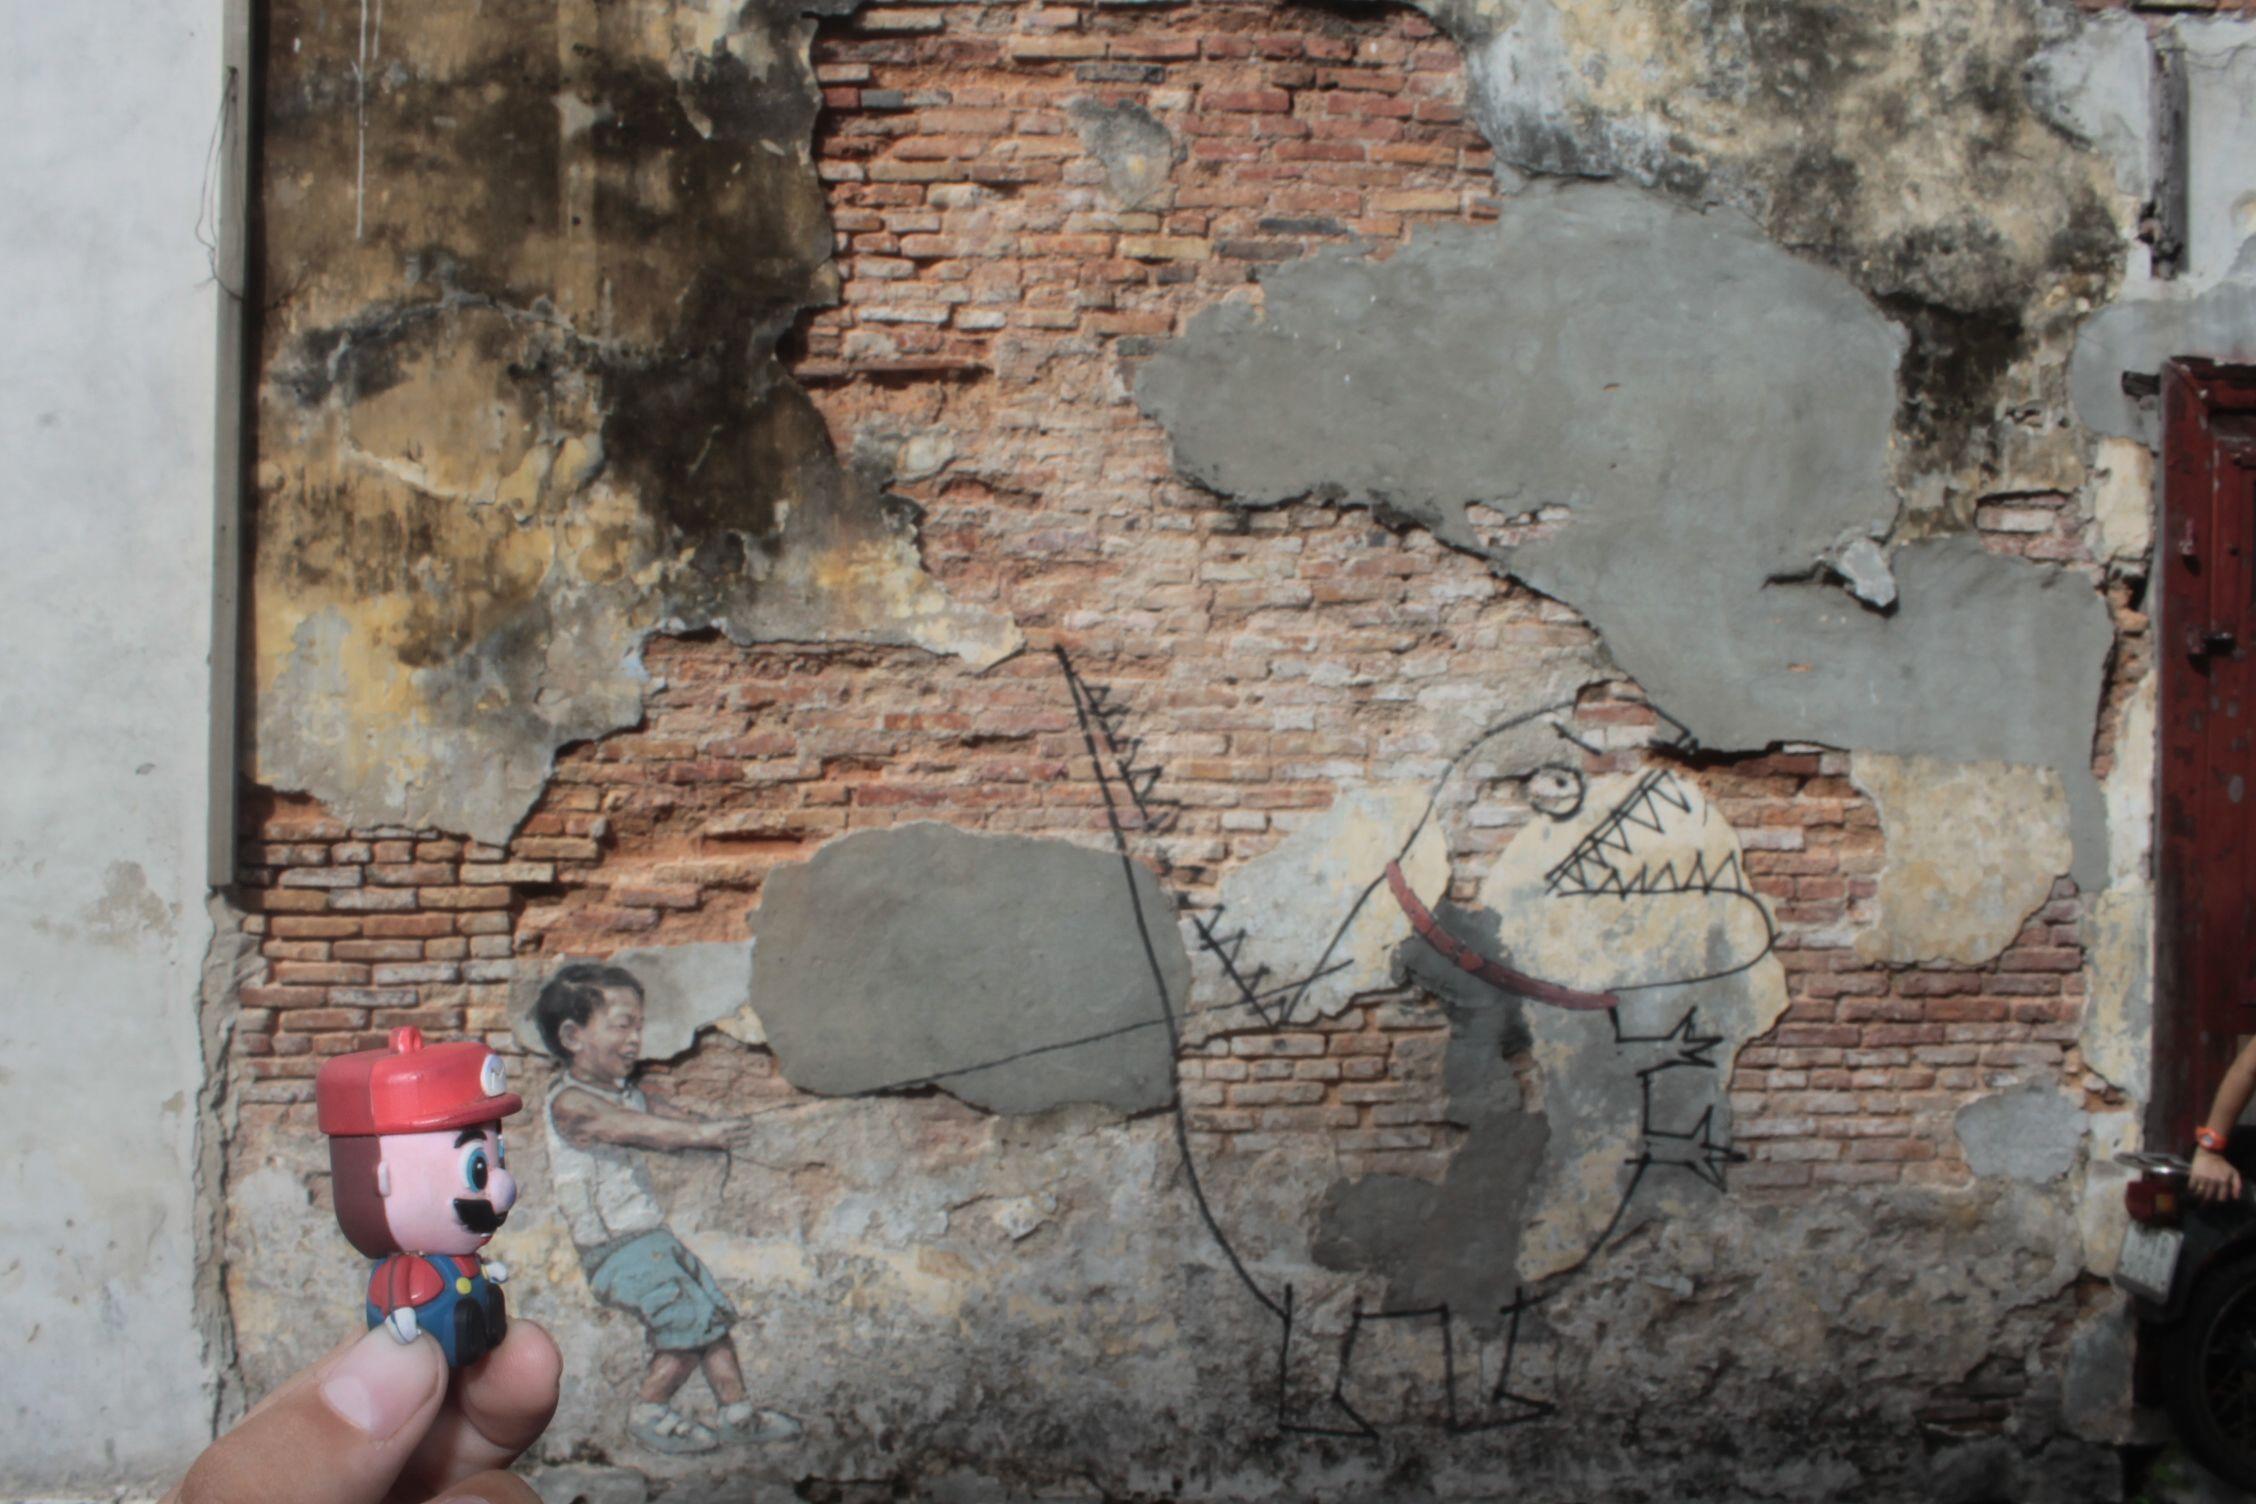 Visitando el arte callejero en Georgetown